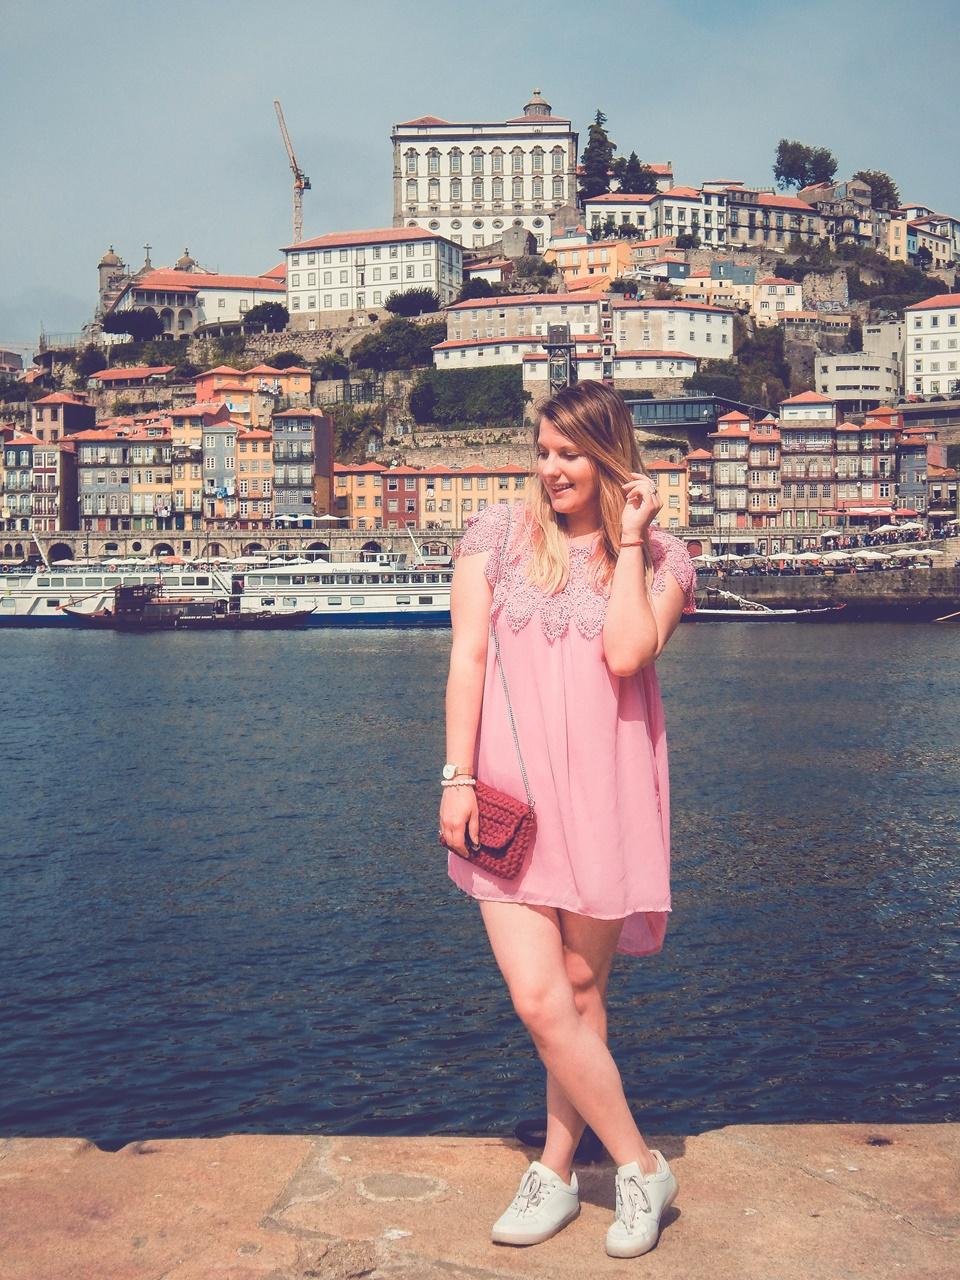 8 bizuteria piotrowski konkurs wygraj bizuterie sukienka zaful opinie moje recenzje rady czy warto kupowac czy oplaca sie porto most rzeka duoro co zobaczyc